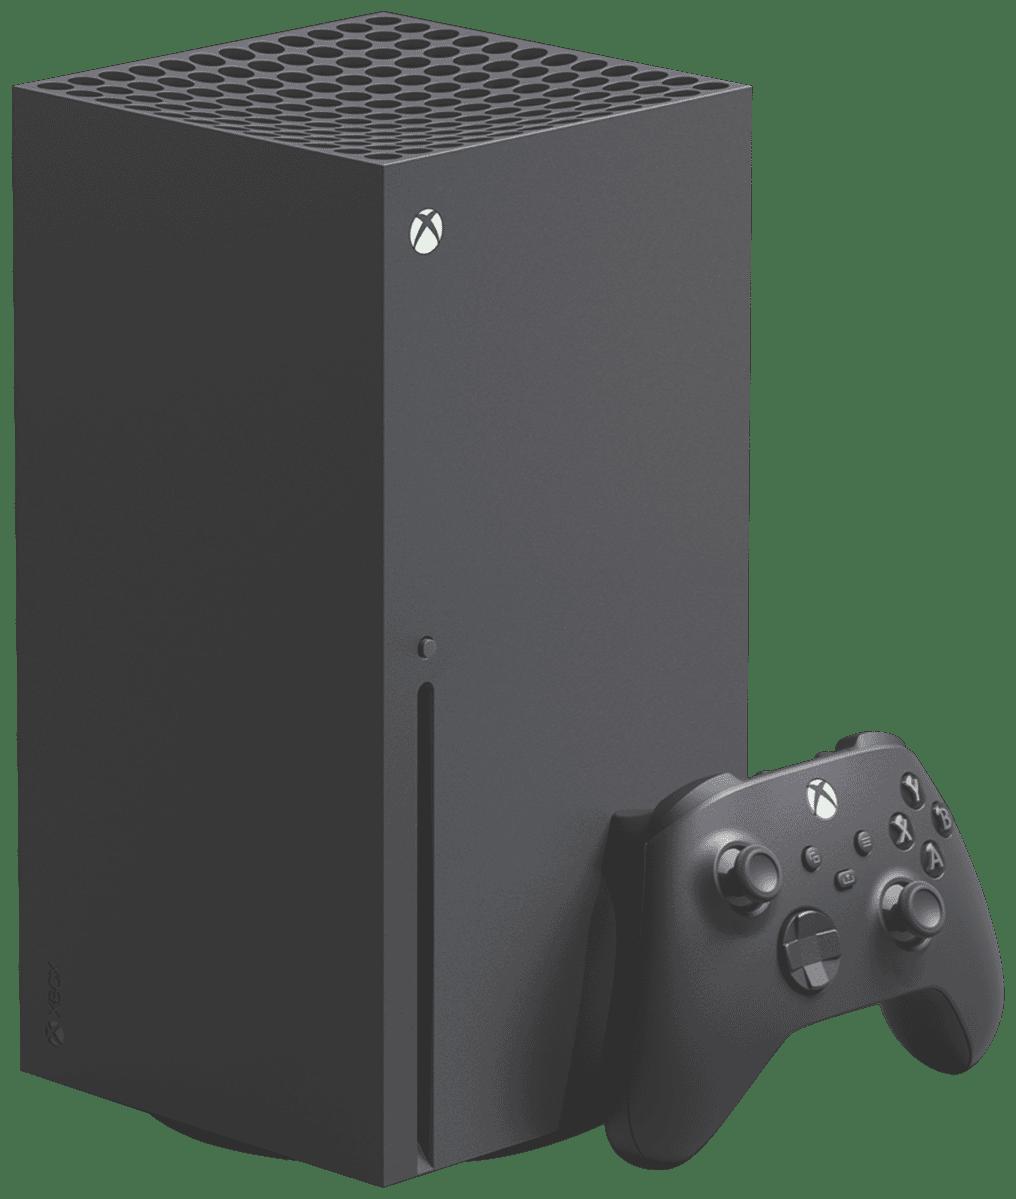 Image of XboxSeries X 1TB